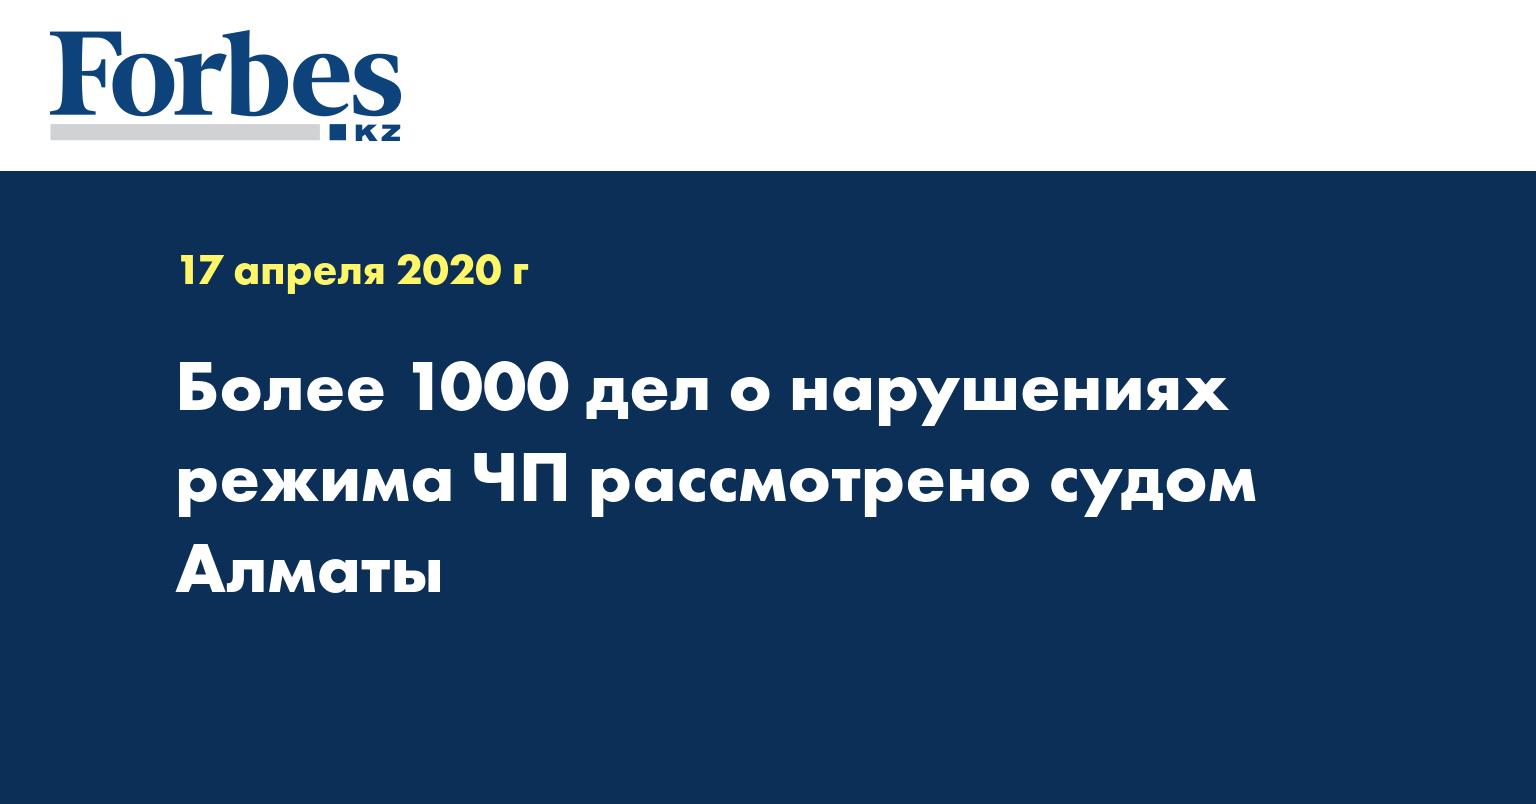 Более 1000 дел о нарушениях режима ЧП рассмотрено судом Алматы